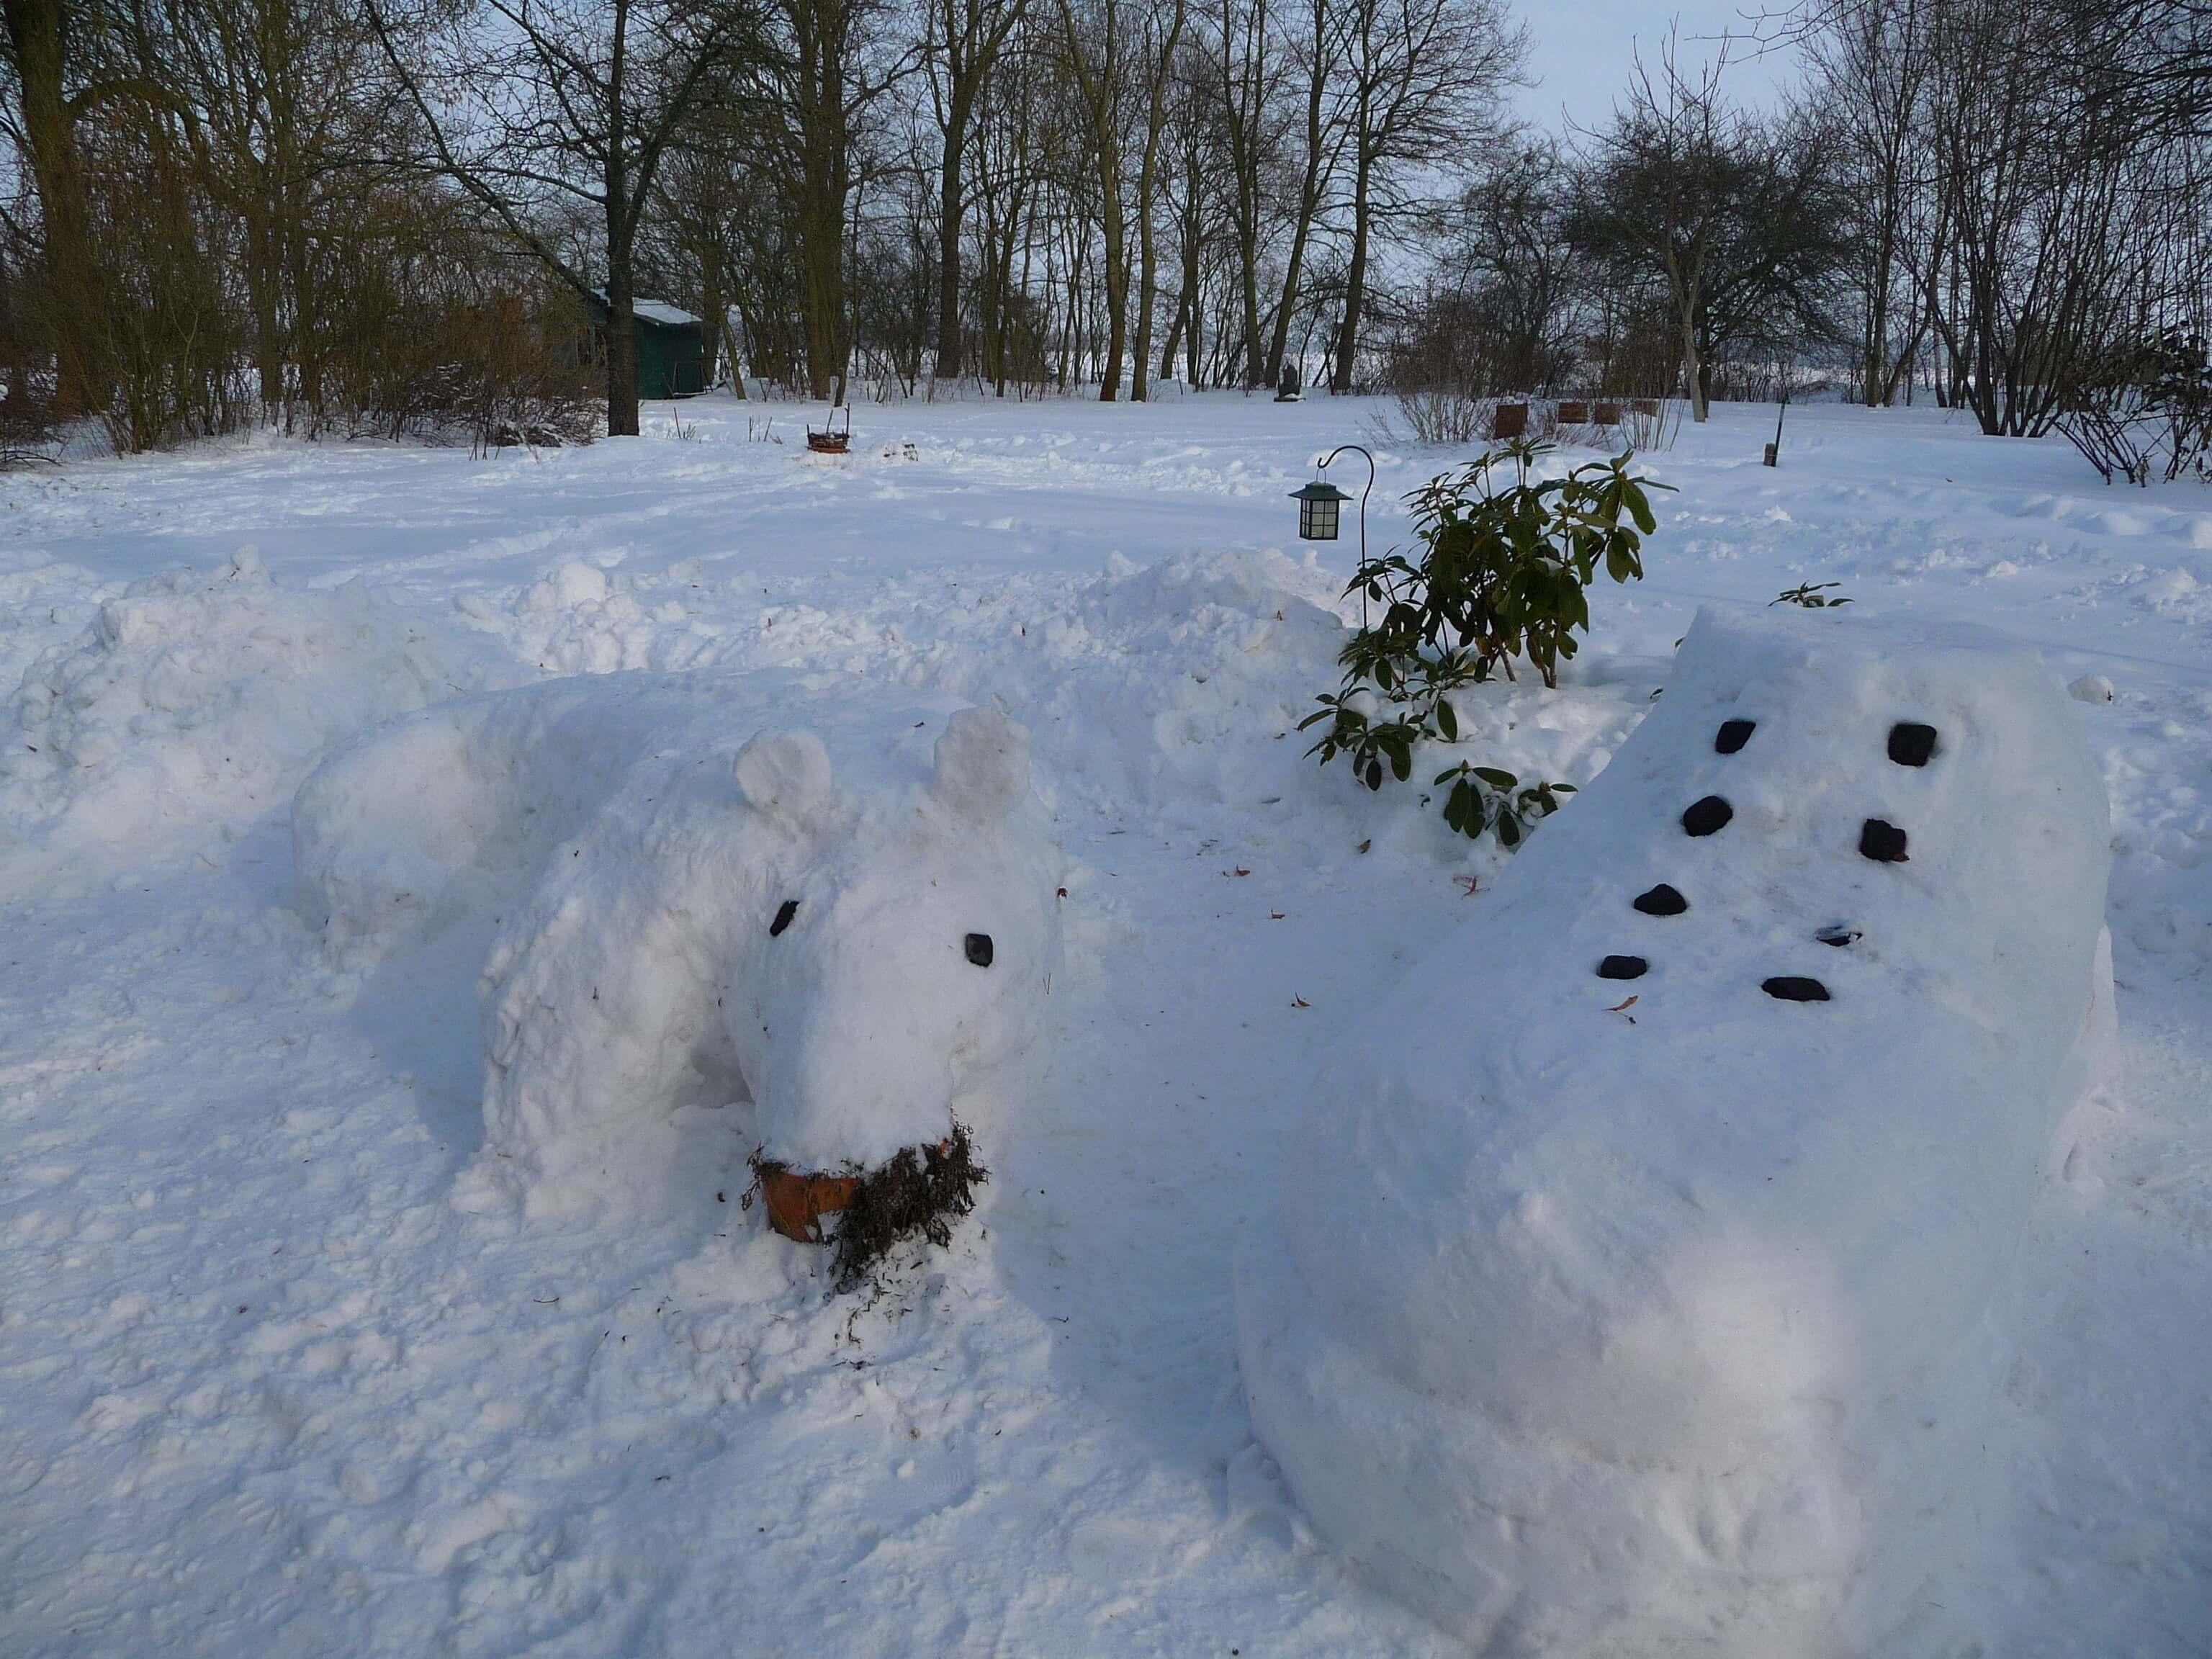 So viel Schnee - inzwischen eine Seltenheit. | Ferienwohnungen Müritz - Alte Ziegelei